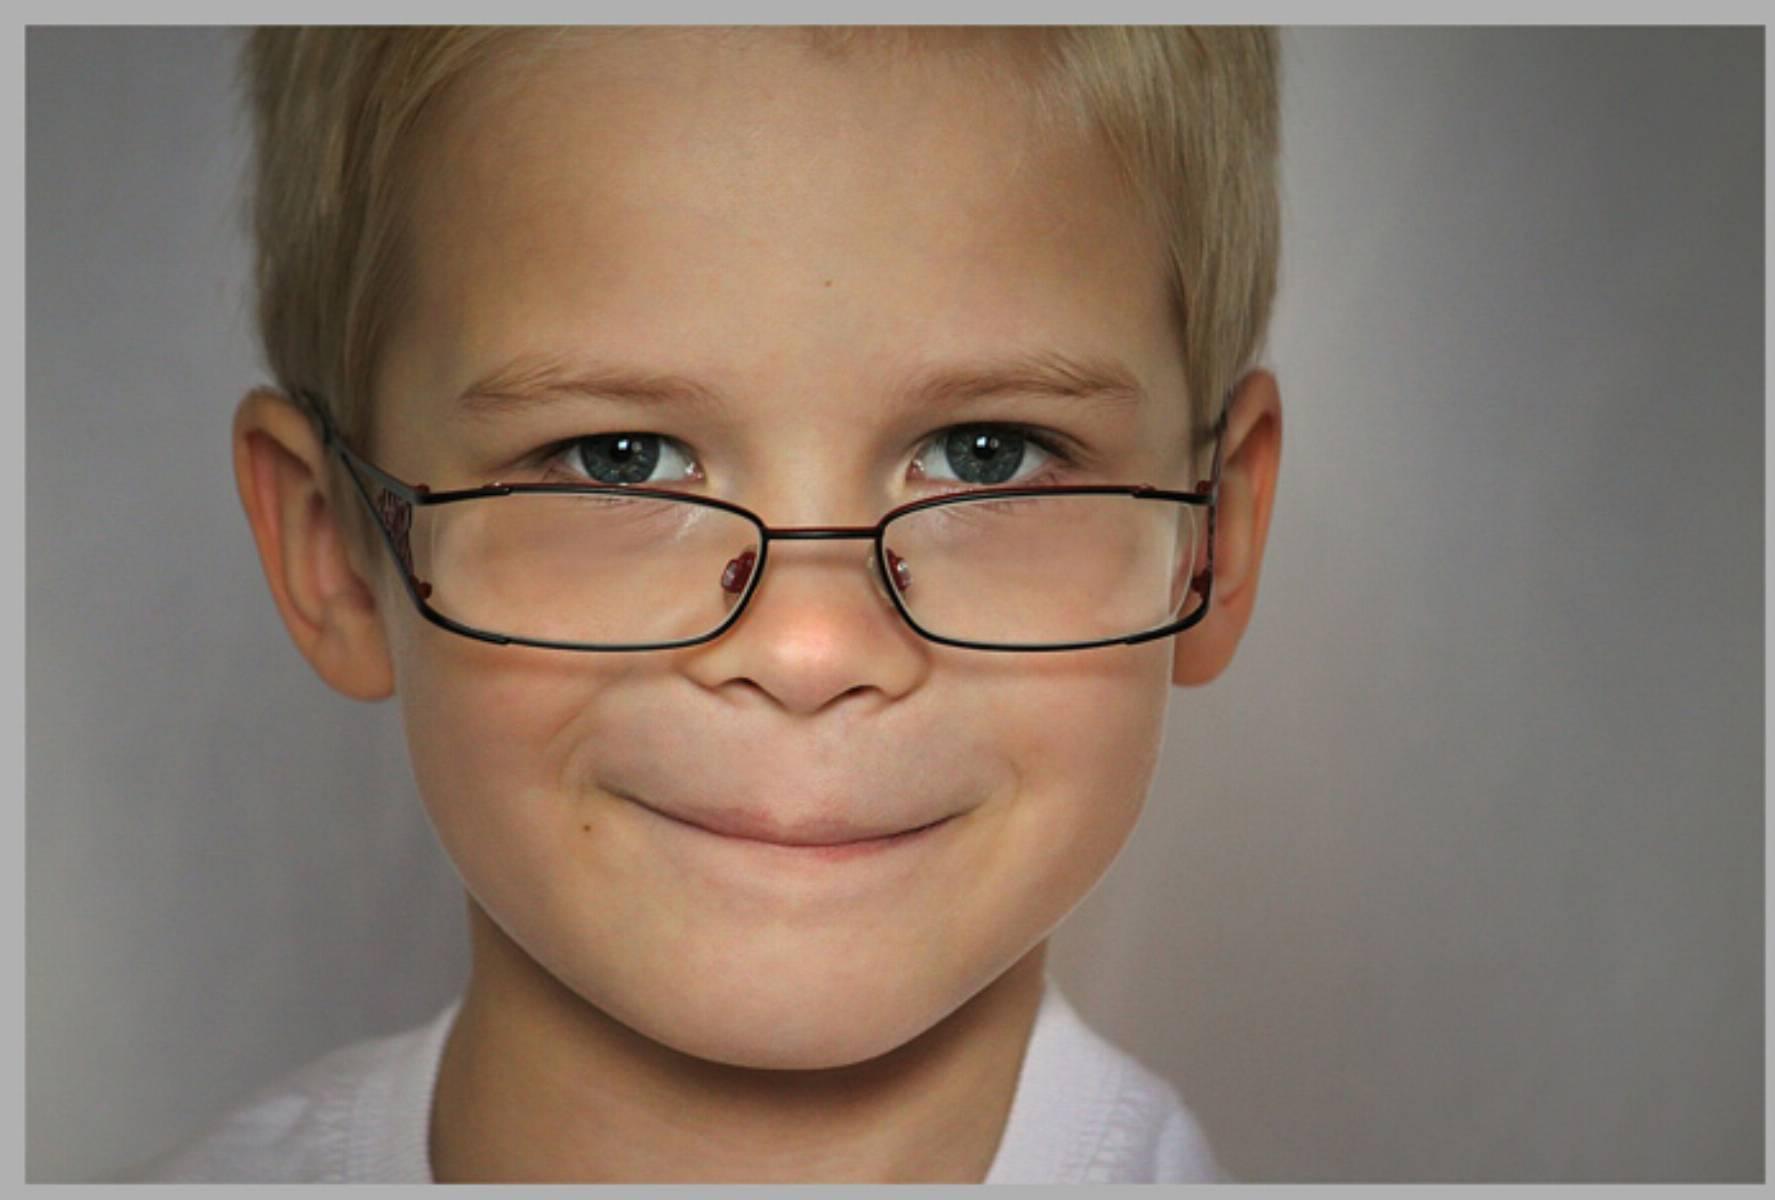 dziecko-w-okularach